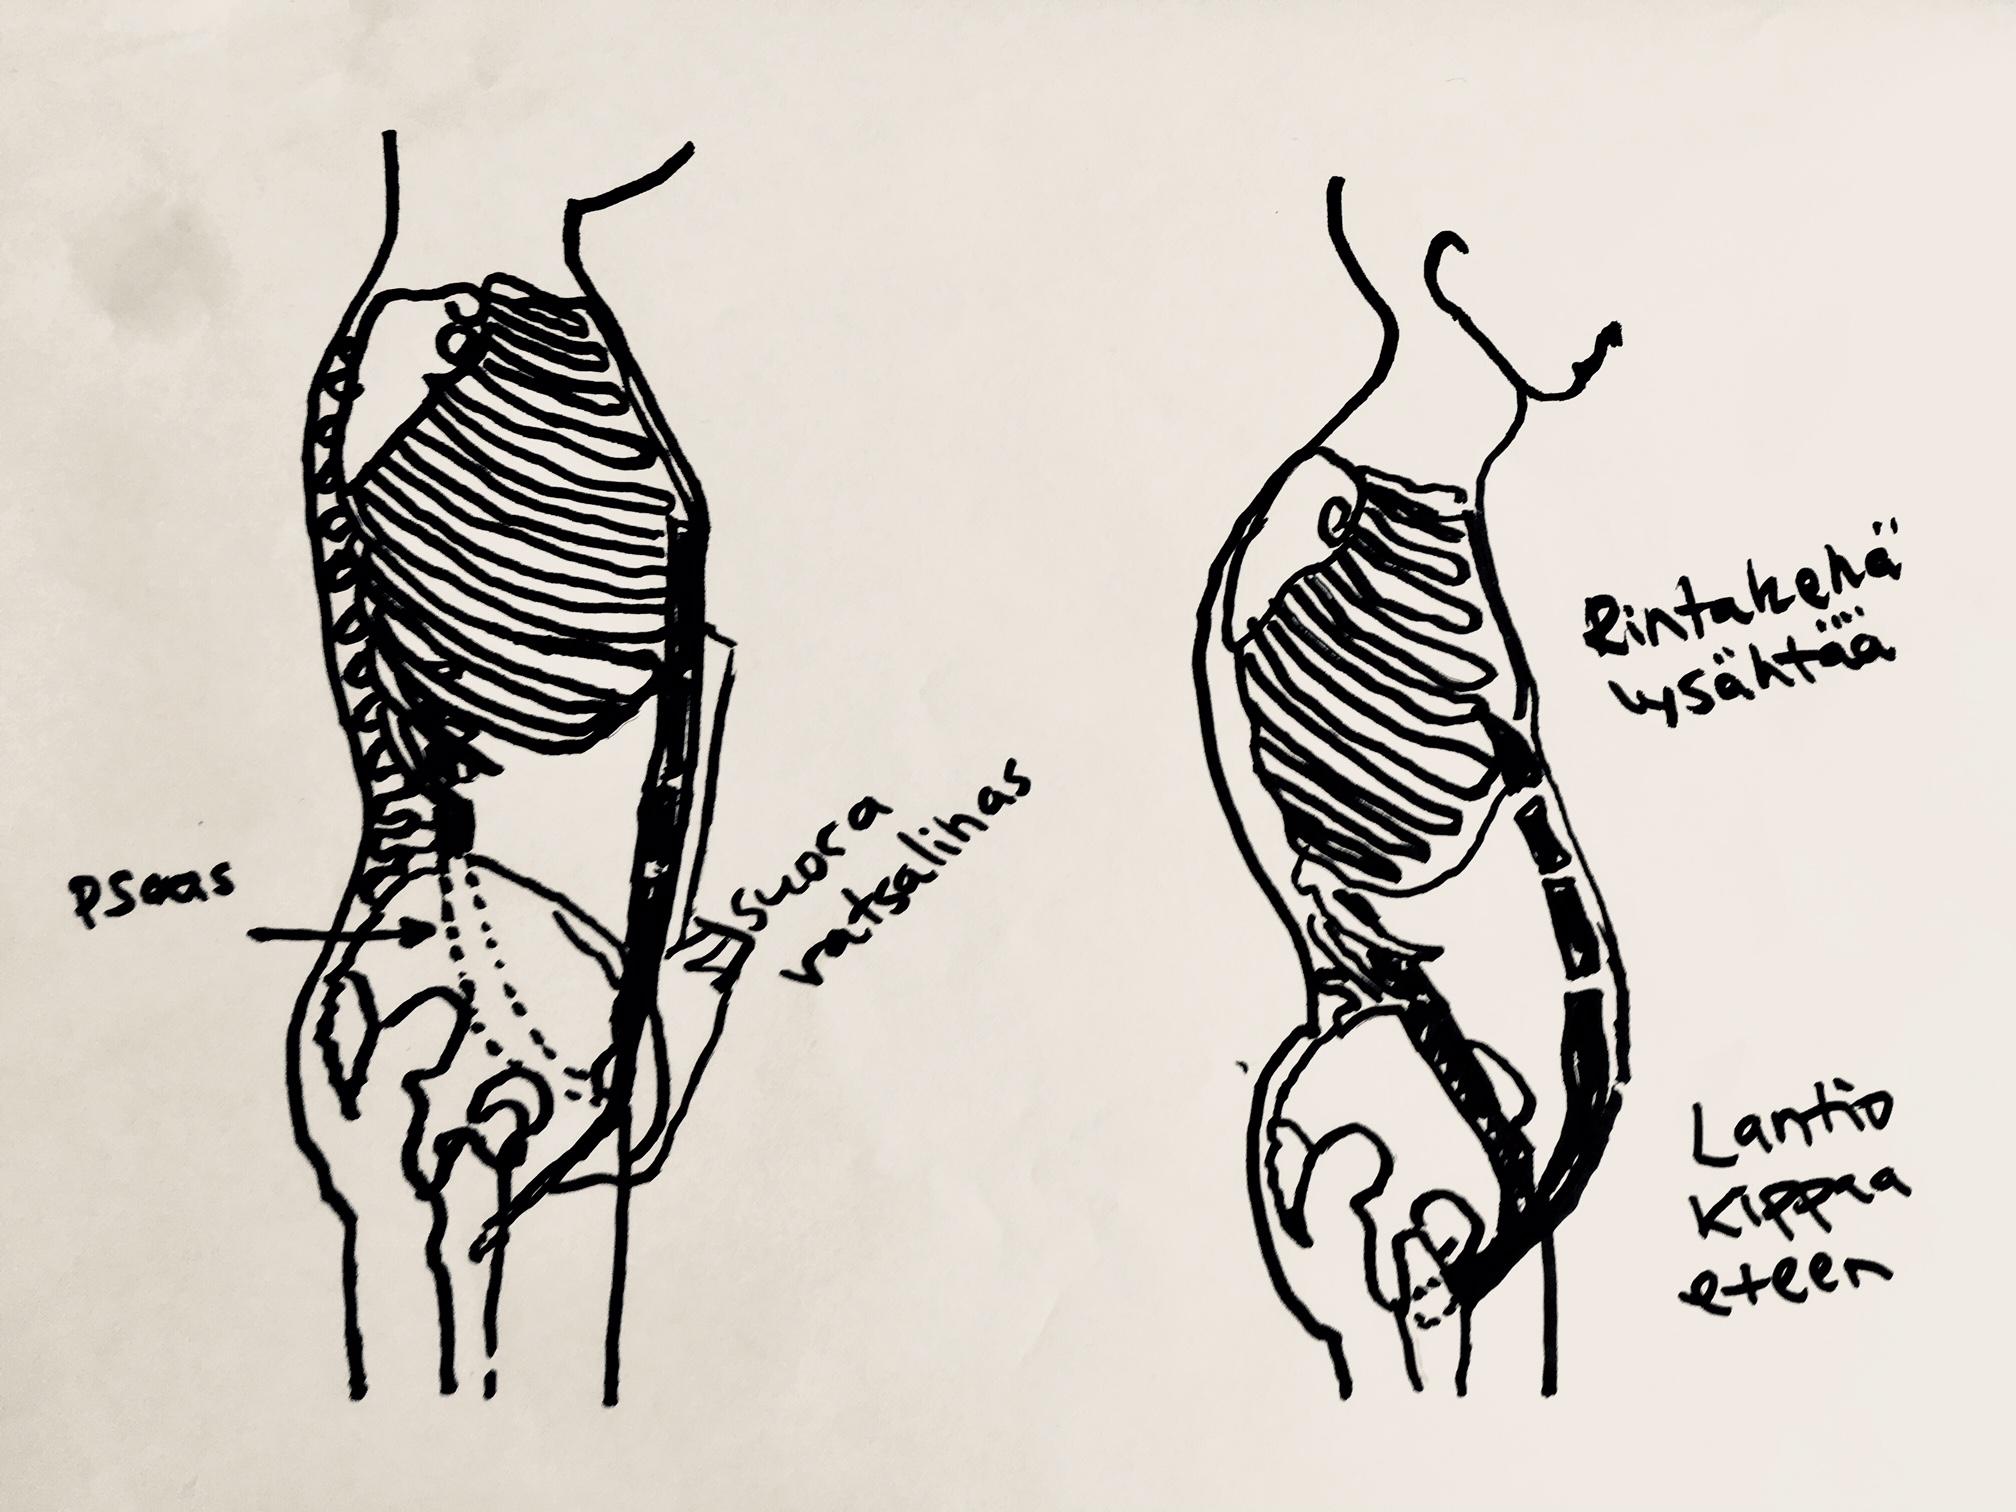 vatsalihasharjoittelussa virheitä tekee helposti. Voi johtaa huonoon ryhtiin.